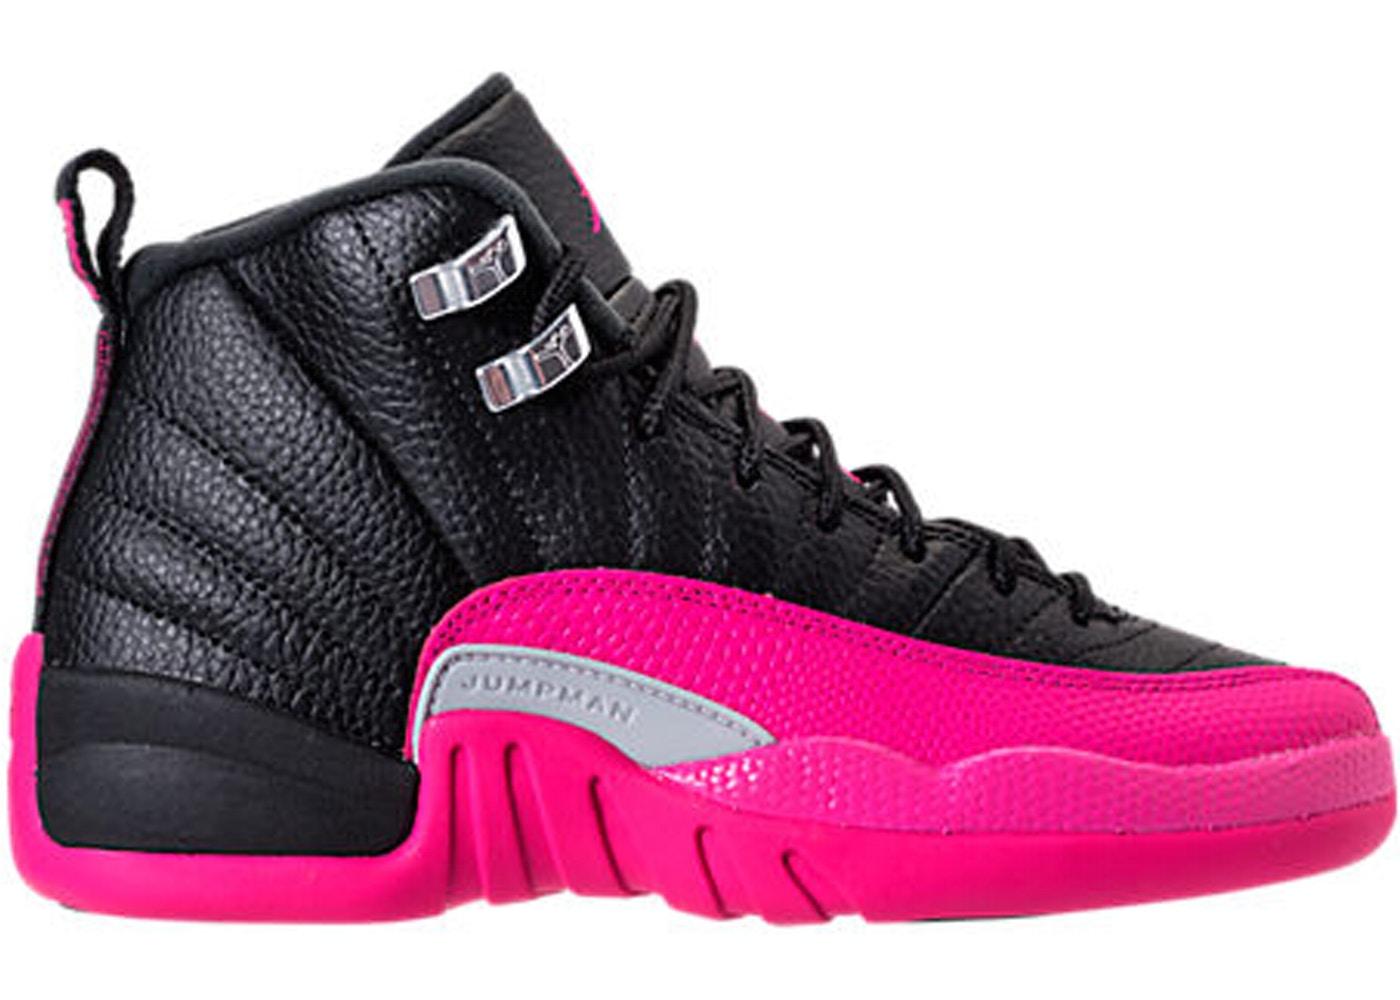 reputable site 86587 f28d0 ... Jordan 12 Retro Black Deadly Pink (GS)  Air Jordan ...